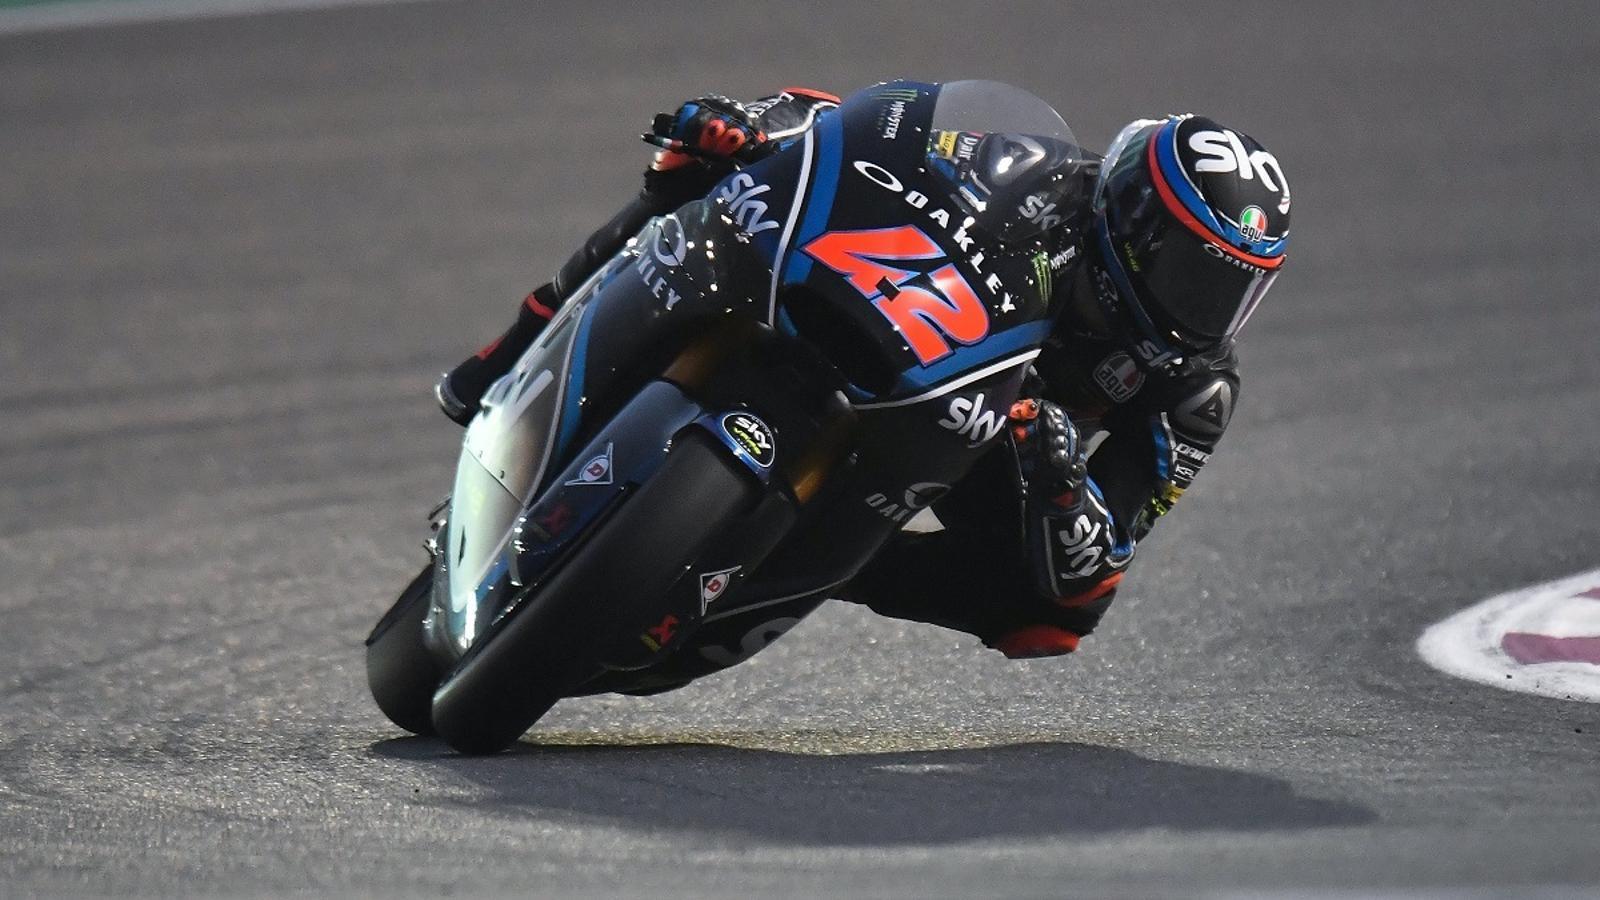 Bagnaia, guanyador de la cursa de Moto2 a Qatar